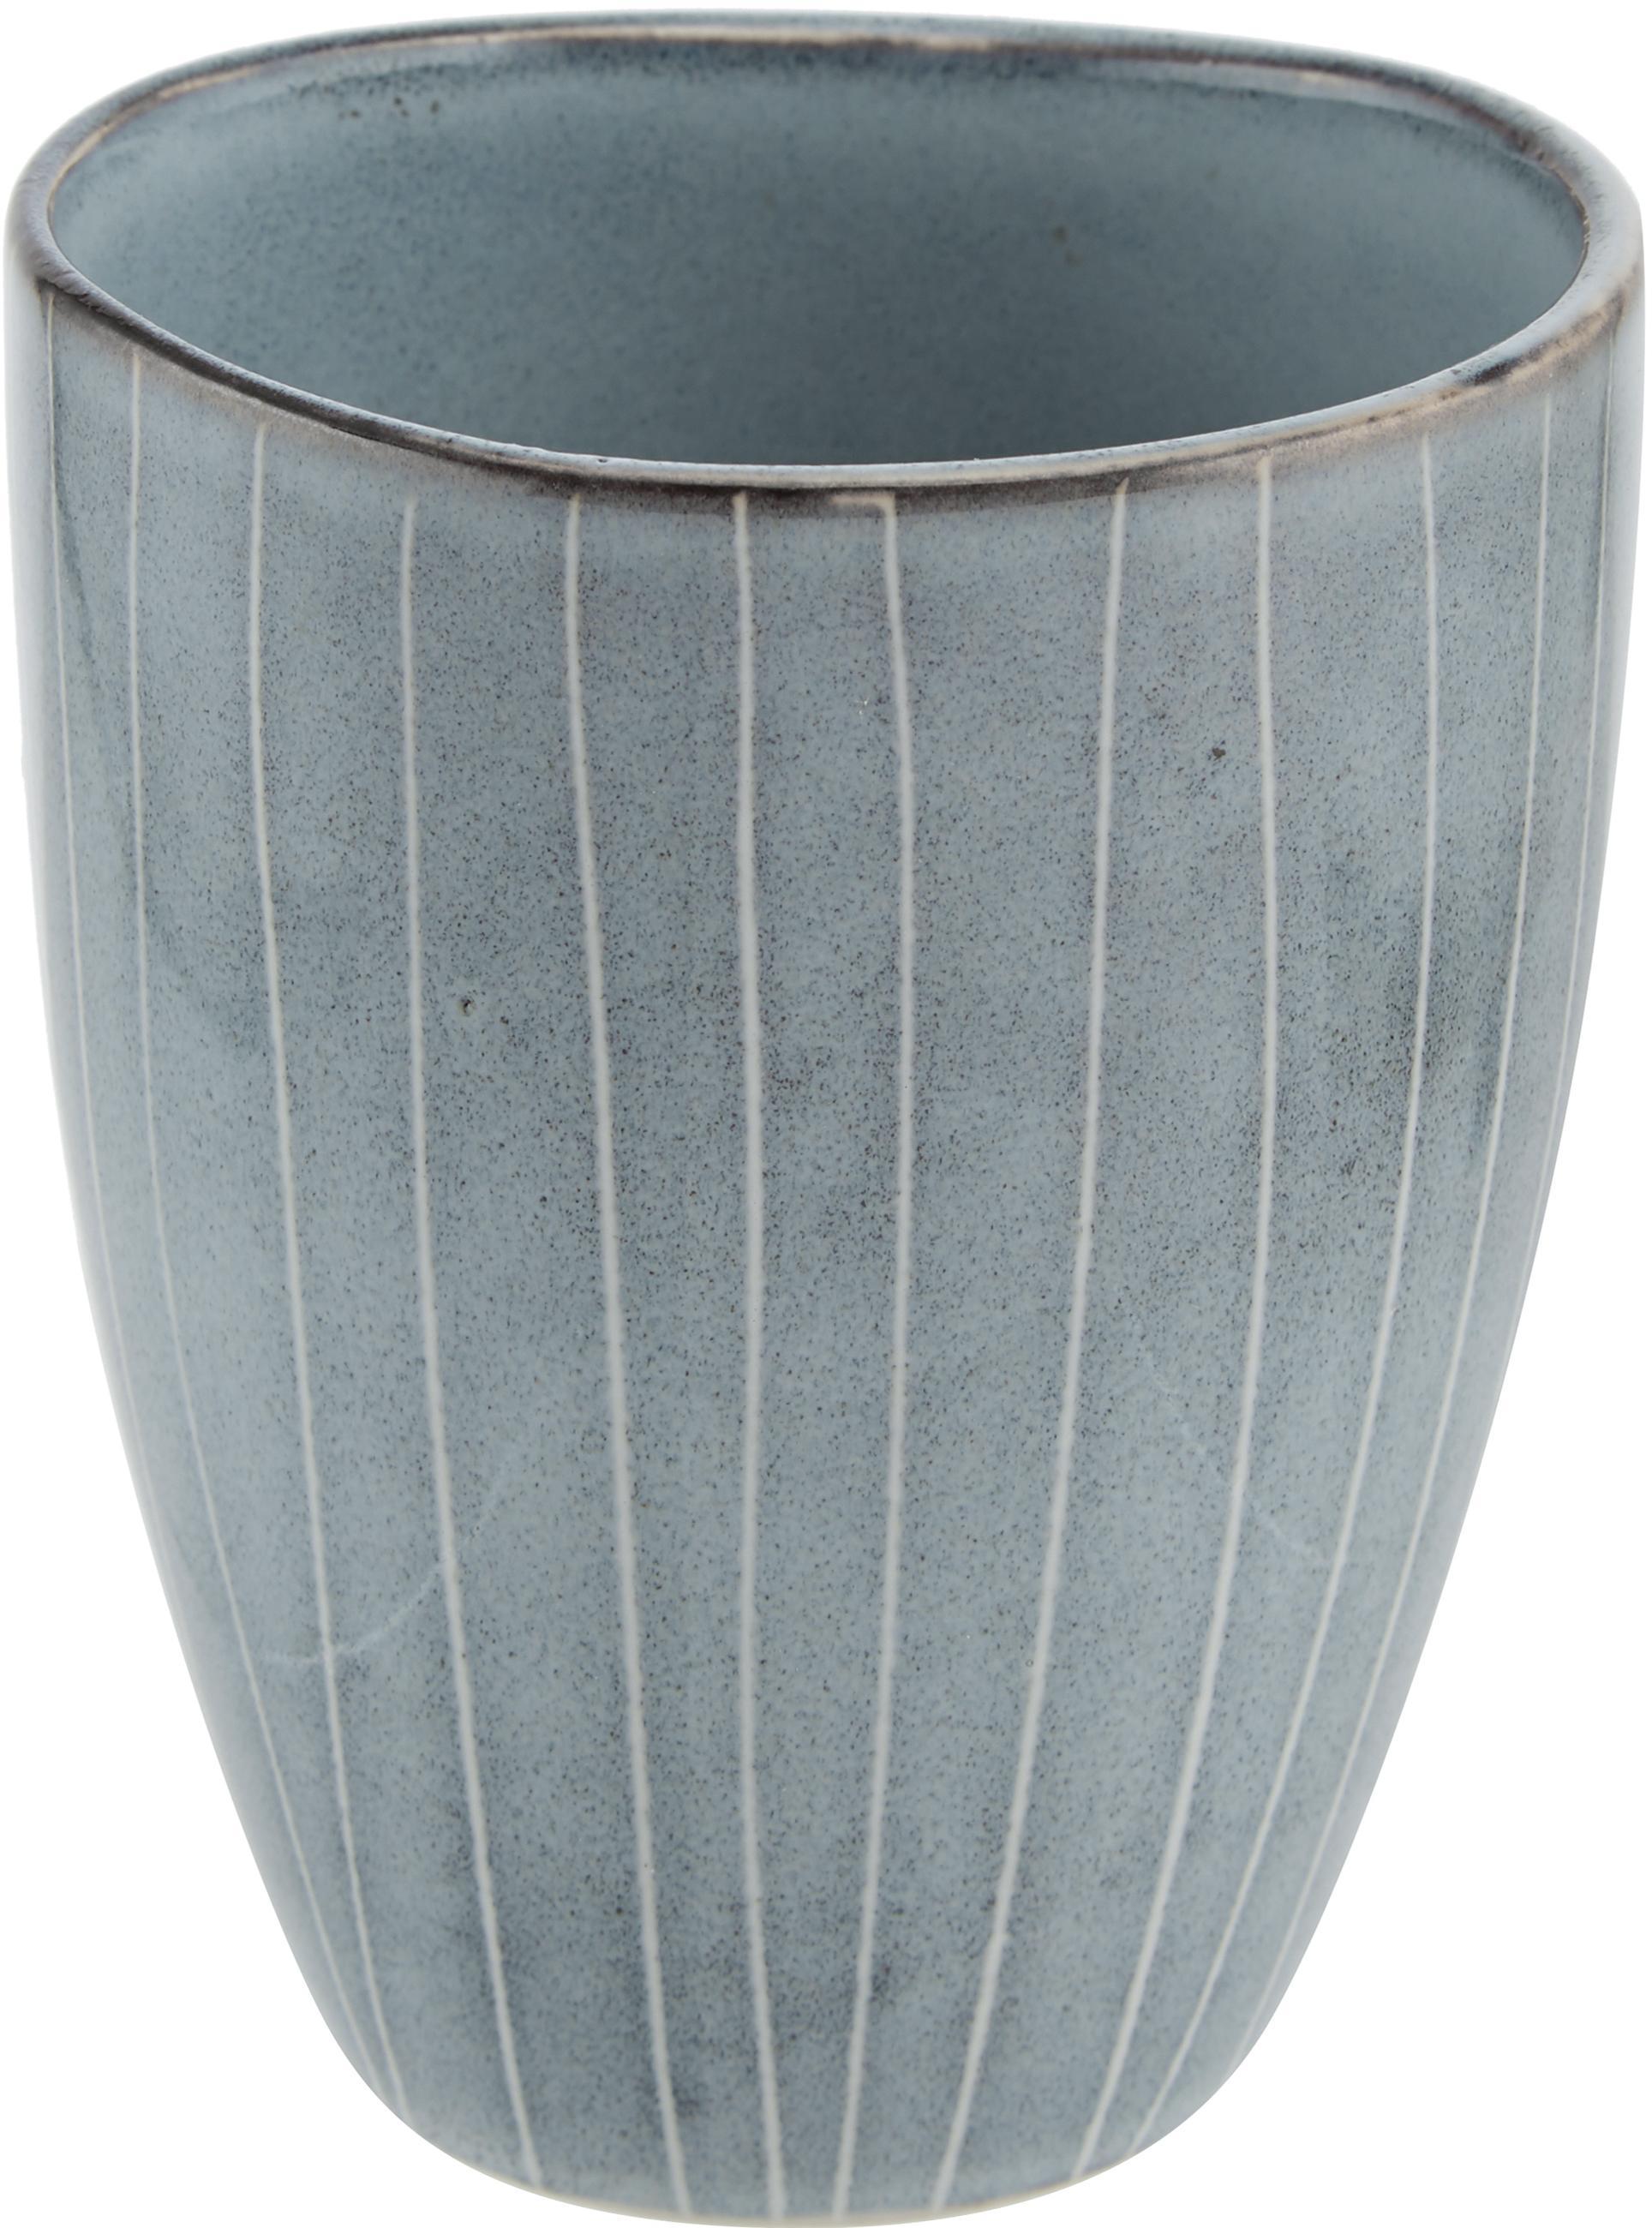 Handgemachte Becher Nordic Sea aus Steingut, 6 Stück, Steingut, Grau- und Blautöne, Ø 8 x H 10 cm